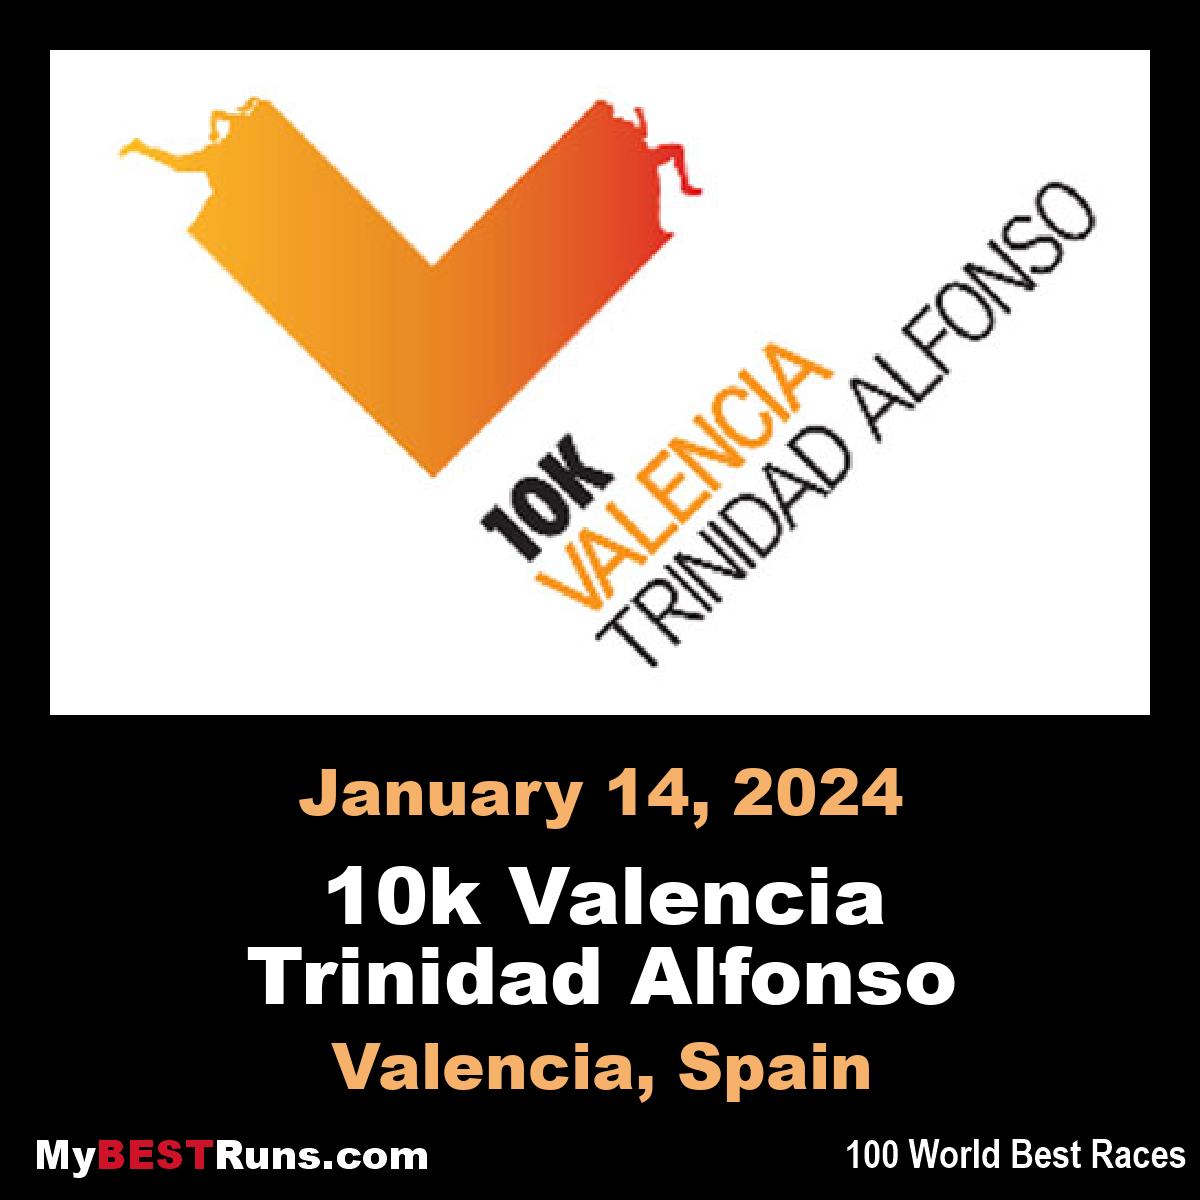 10k Valencia Trinidad Alfonso